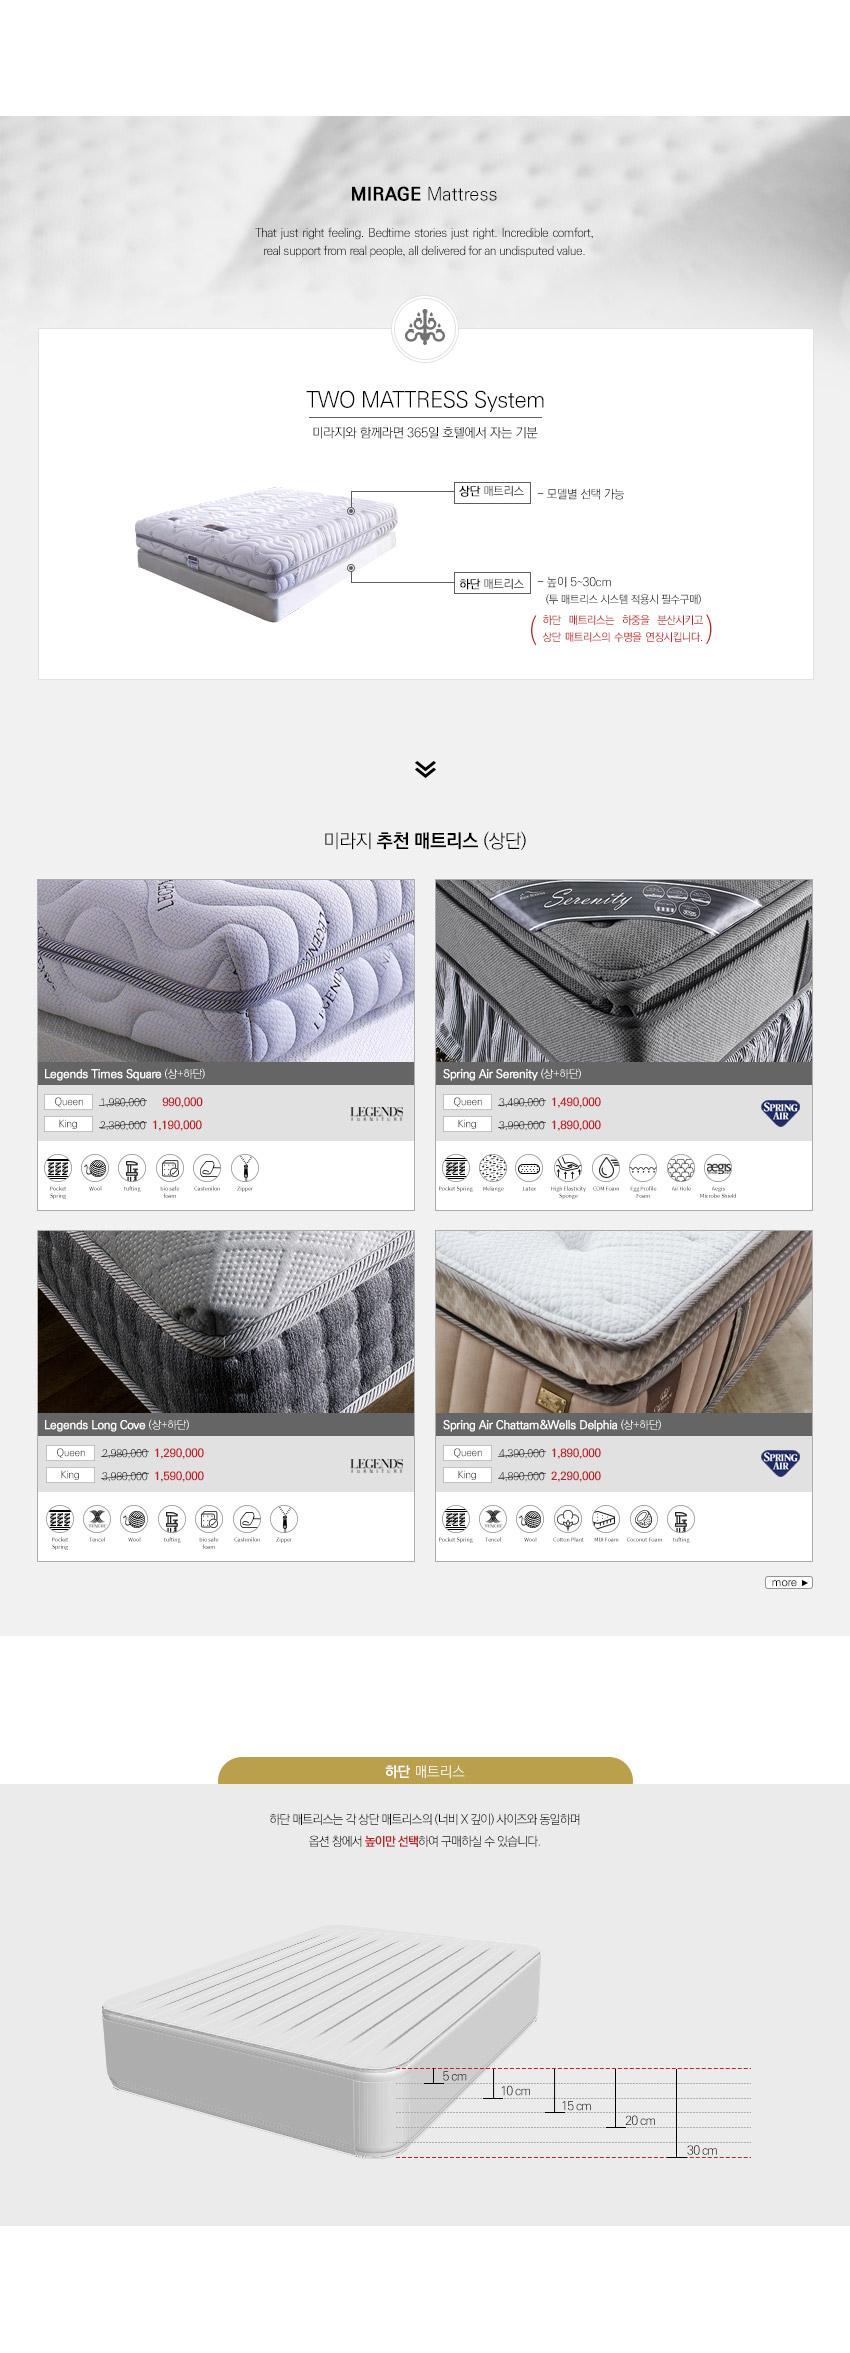 mattress-more_1607477052.jpg